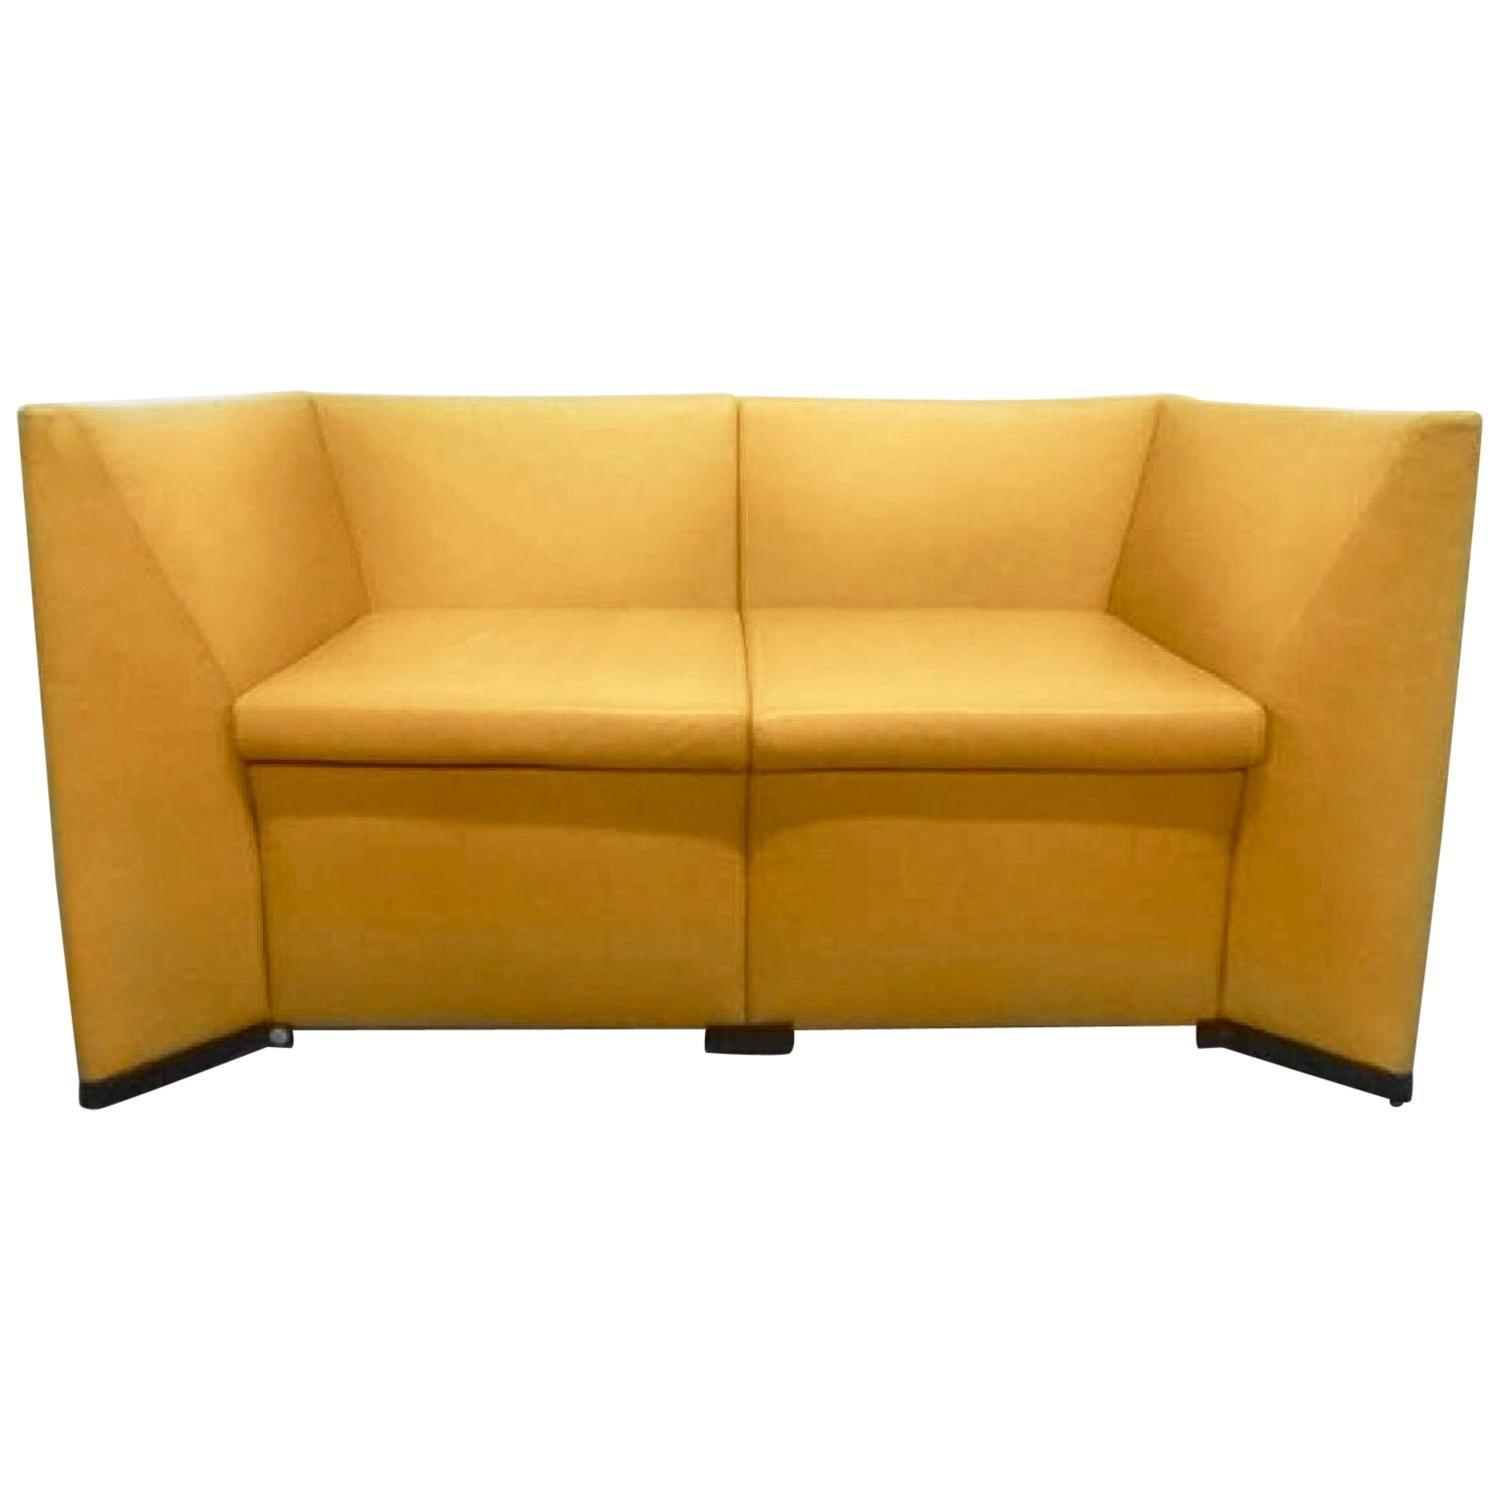 Yellow Leather Loveseat Two-Seat Sofa Osvaldo Borsani Italian Modern